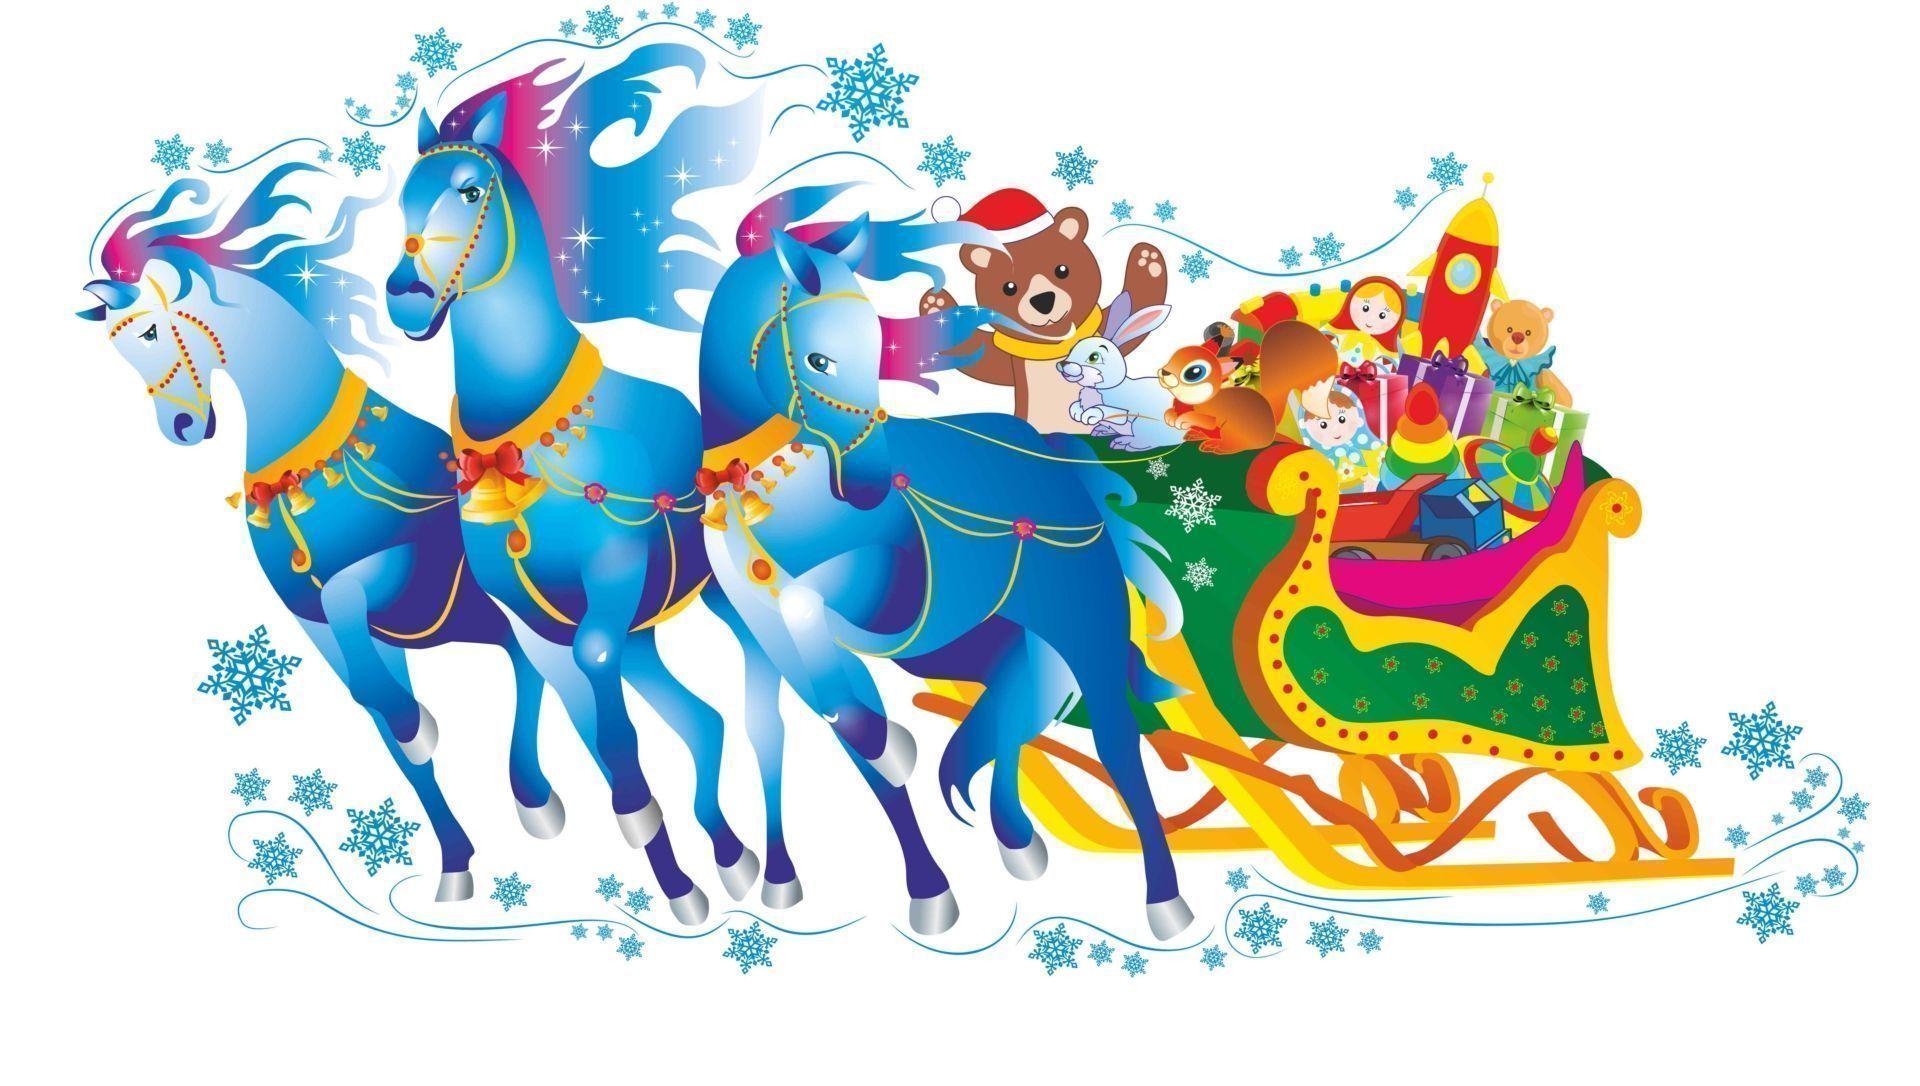 Плакат вырубной Сани с подаркамиТовары для оформления и проведения праздника<br>.<br><br>Год: 2017<br>Серия: Вырубные фигуры для оформления<br>Высота: 600<br>Ширина: 343<br>Переплёт: набор